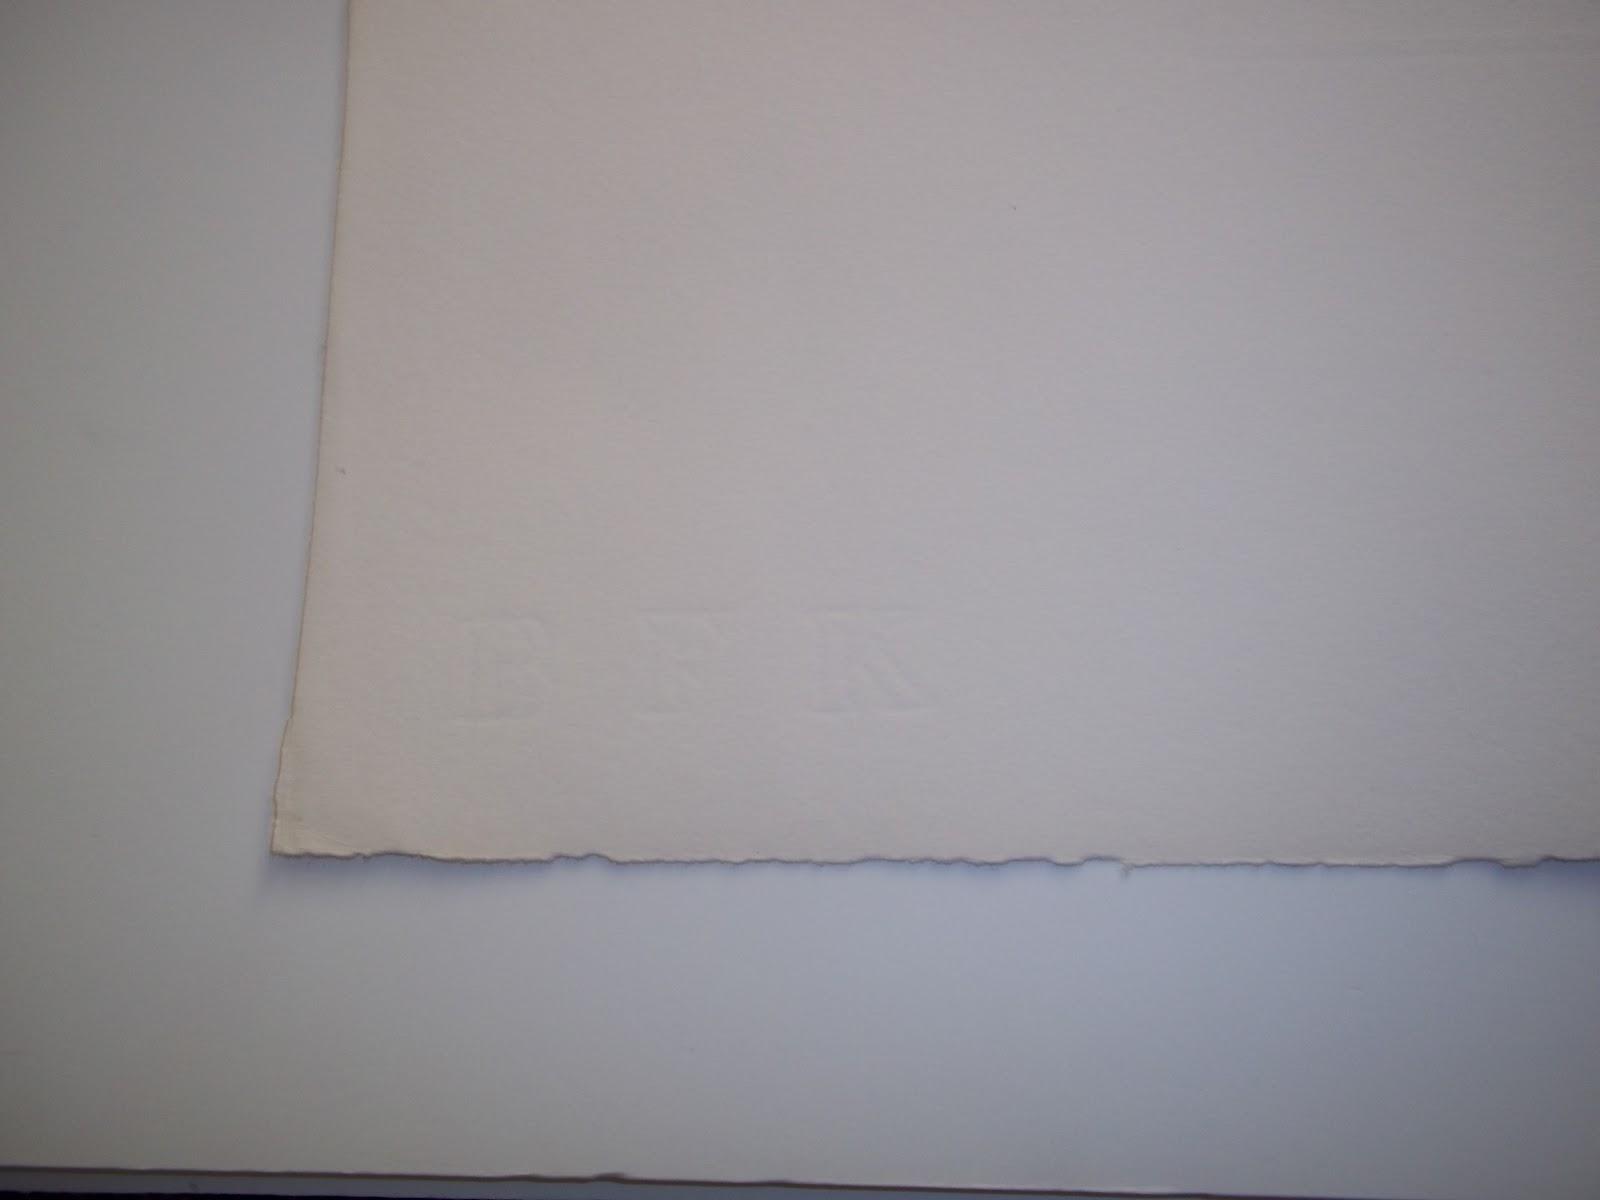 http://2.bp.blogspot.com/-8FKM8SPbXdI/UEfS1v3jP7I/AAAAAAAAAWE/B0P2BX1azig/s1600/Capdeville+Print+signature+etc+003.JPG